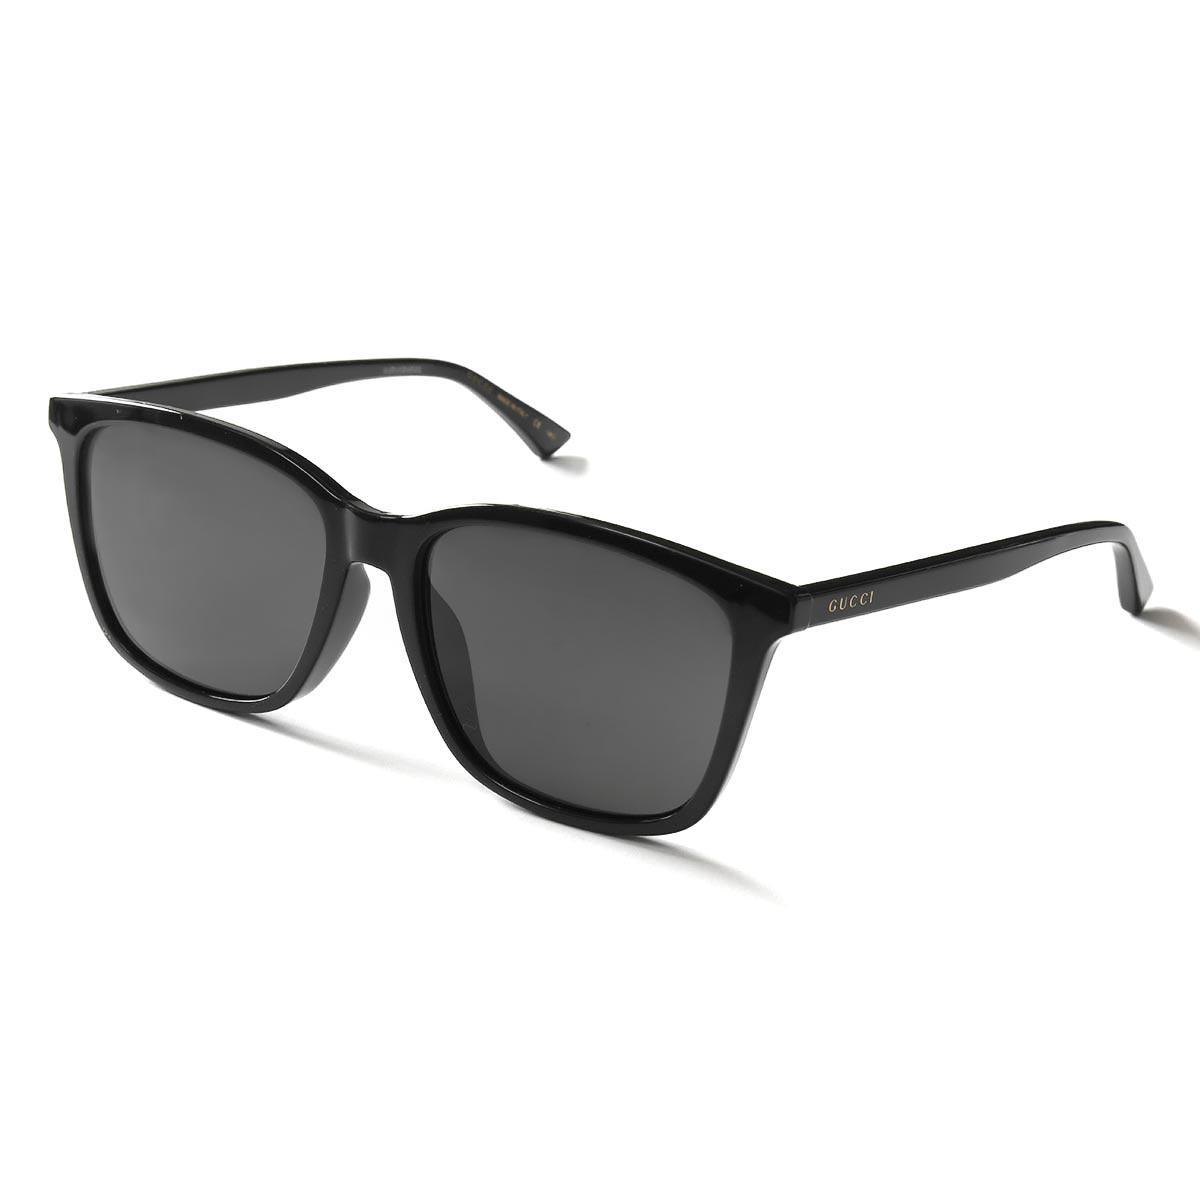 グッチ サングラス メンズ レディース ブラック&グレー GG0404SA 001 ASI 30006062001 GUCCI